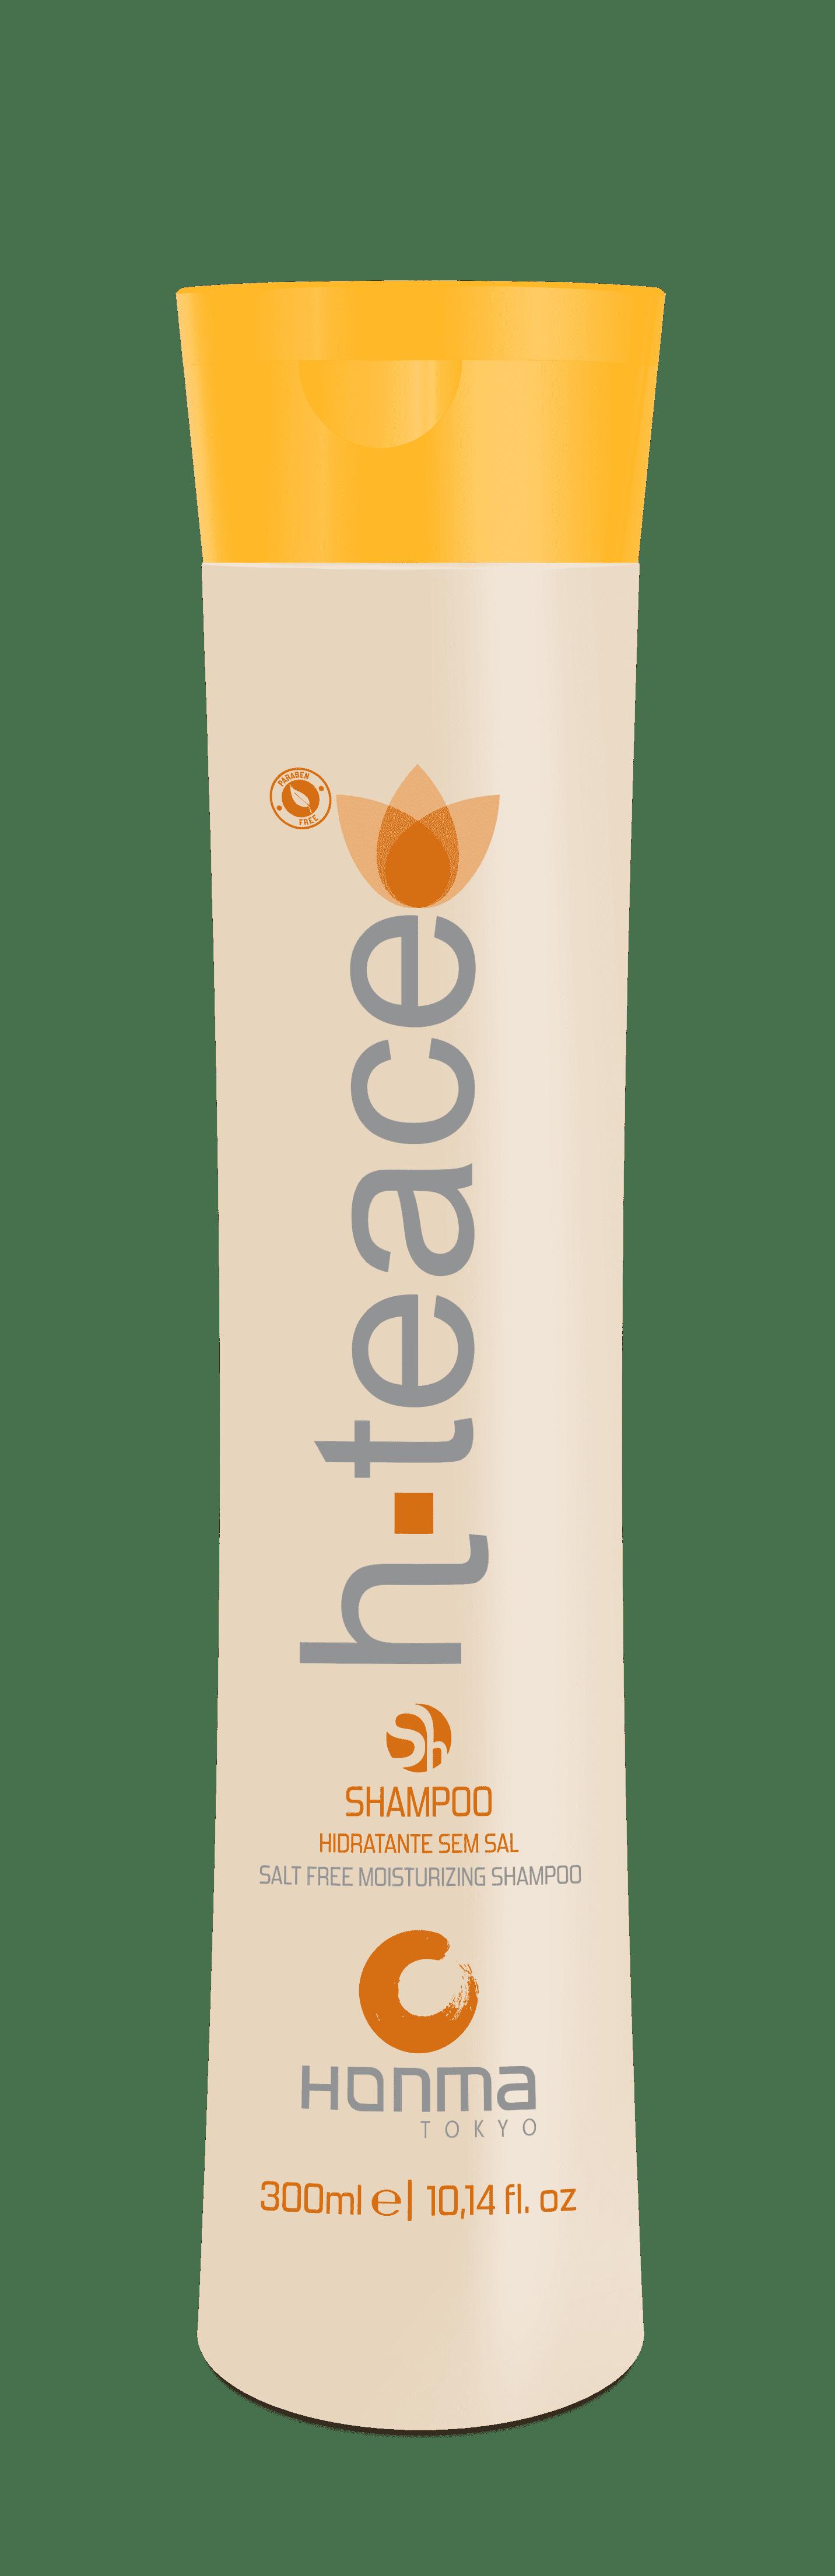 H-Teace Бессолевой шампунь для окрашенных волосБезсульфатная линия для ухода за окрашенными волосами содержит масла фундука и макадамии, которые способствуют интенсивному увлажнению, питанию восстановлению сухих, пористых и поврежденных волос, защищая яркость и интенсивность их цвета.<br>